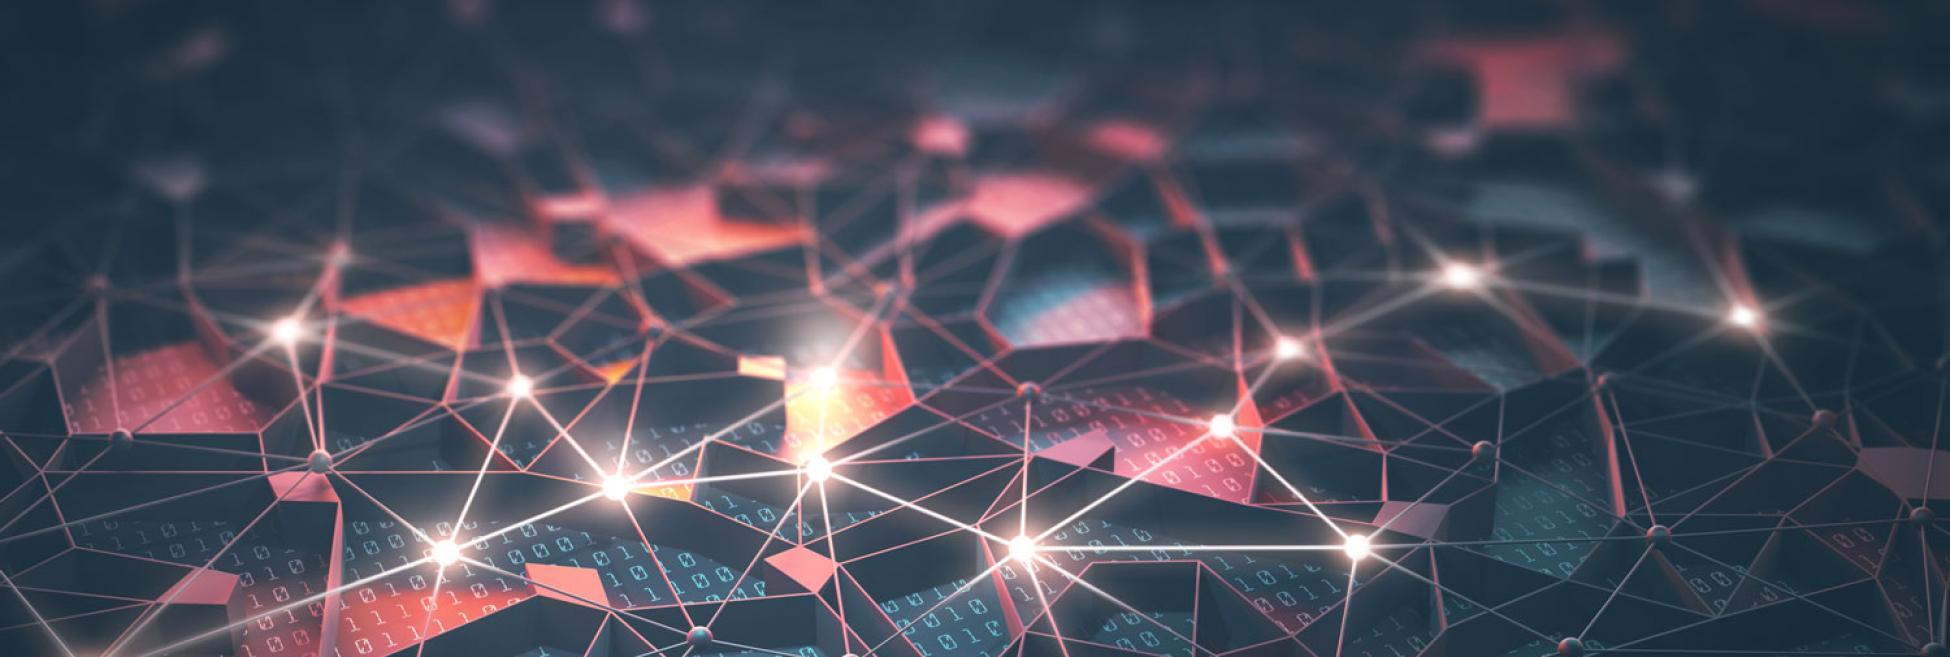 Estimating Bitcoin Fees Via a Neural Network